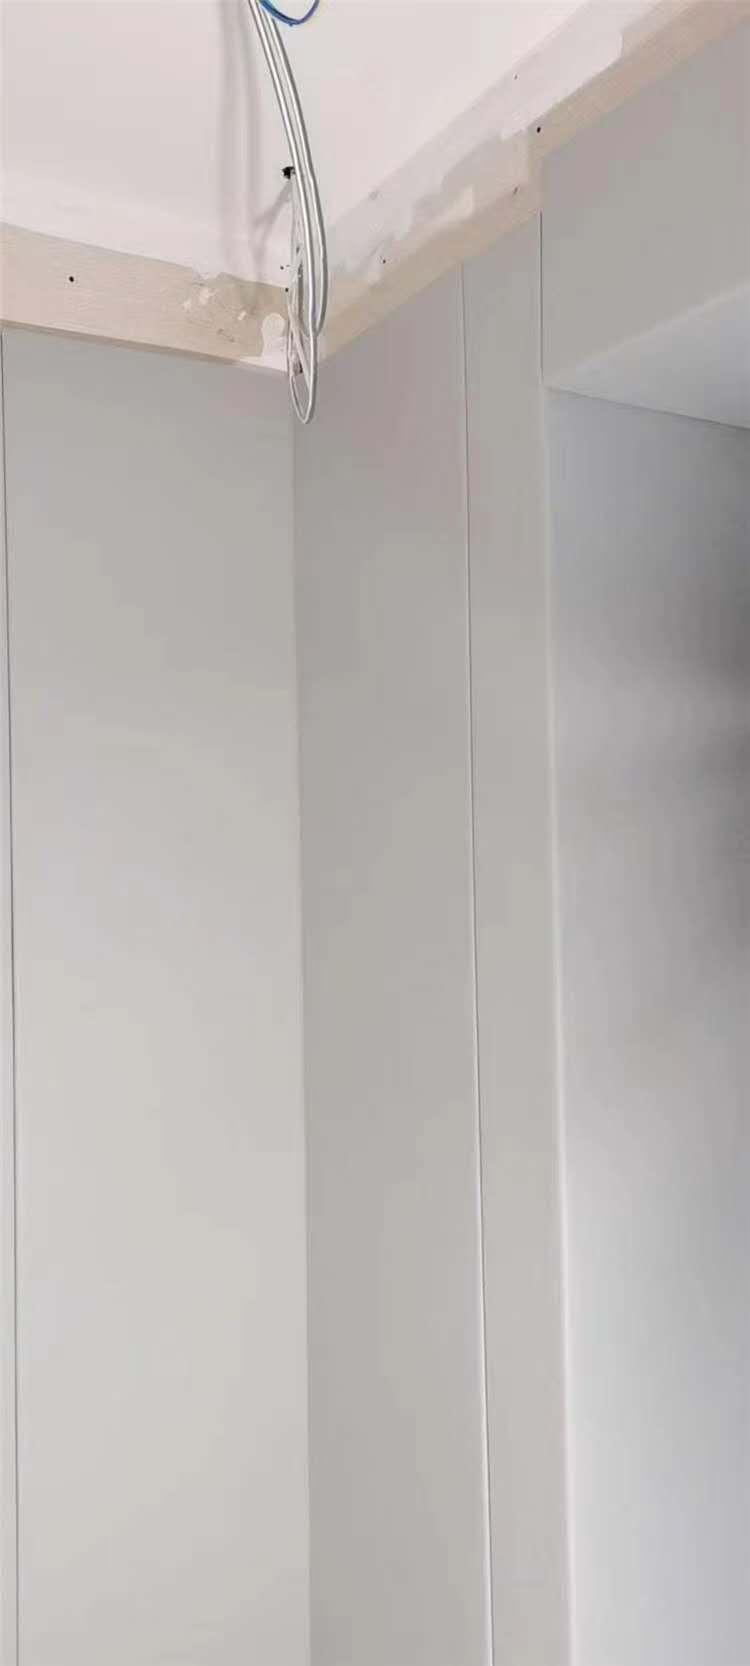 法院羁押室软包 阻燃皮革防撞墙定制